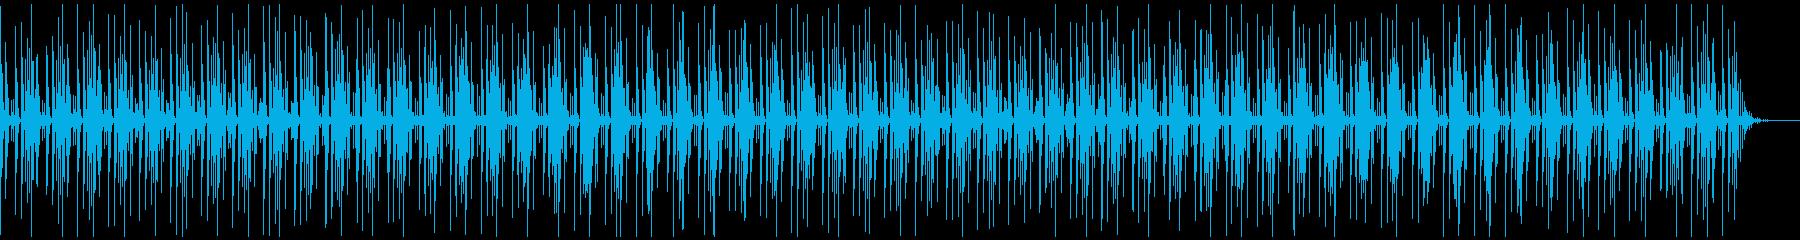 [ニュース報道]無機質:フラット:04の再生済みの波形